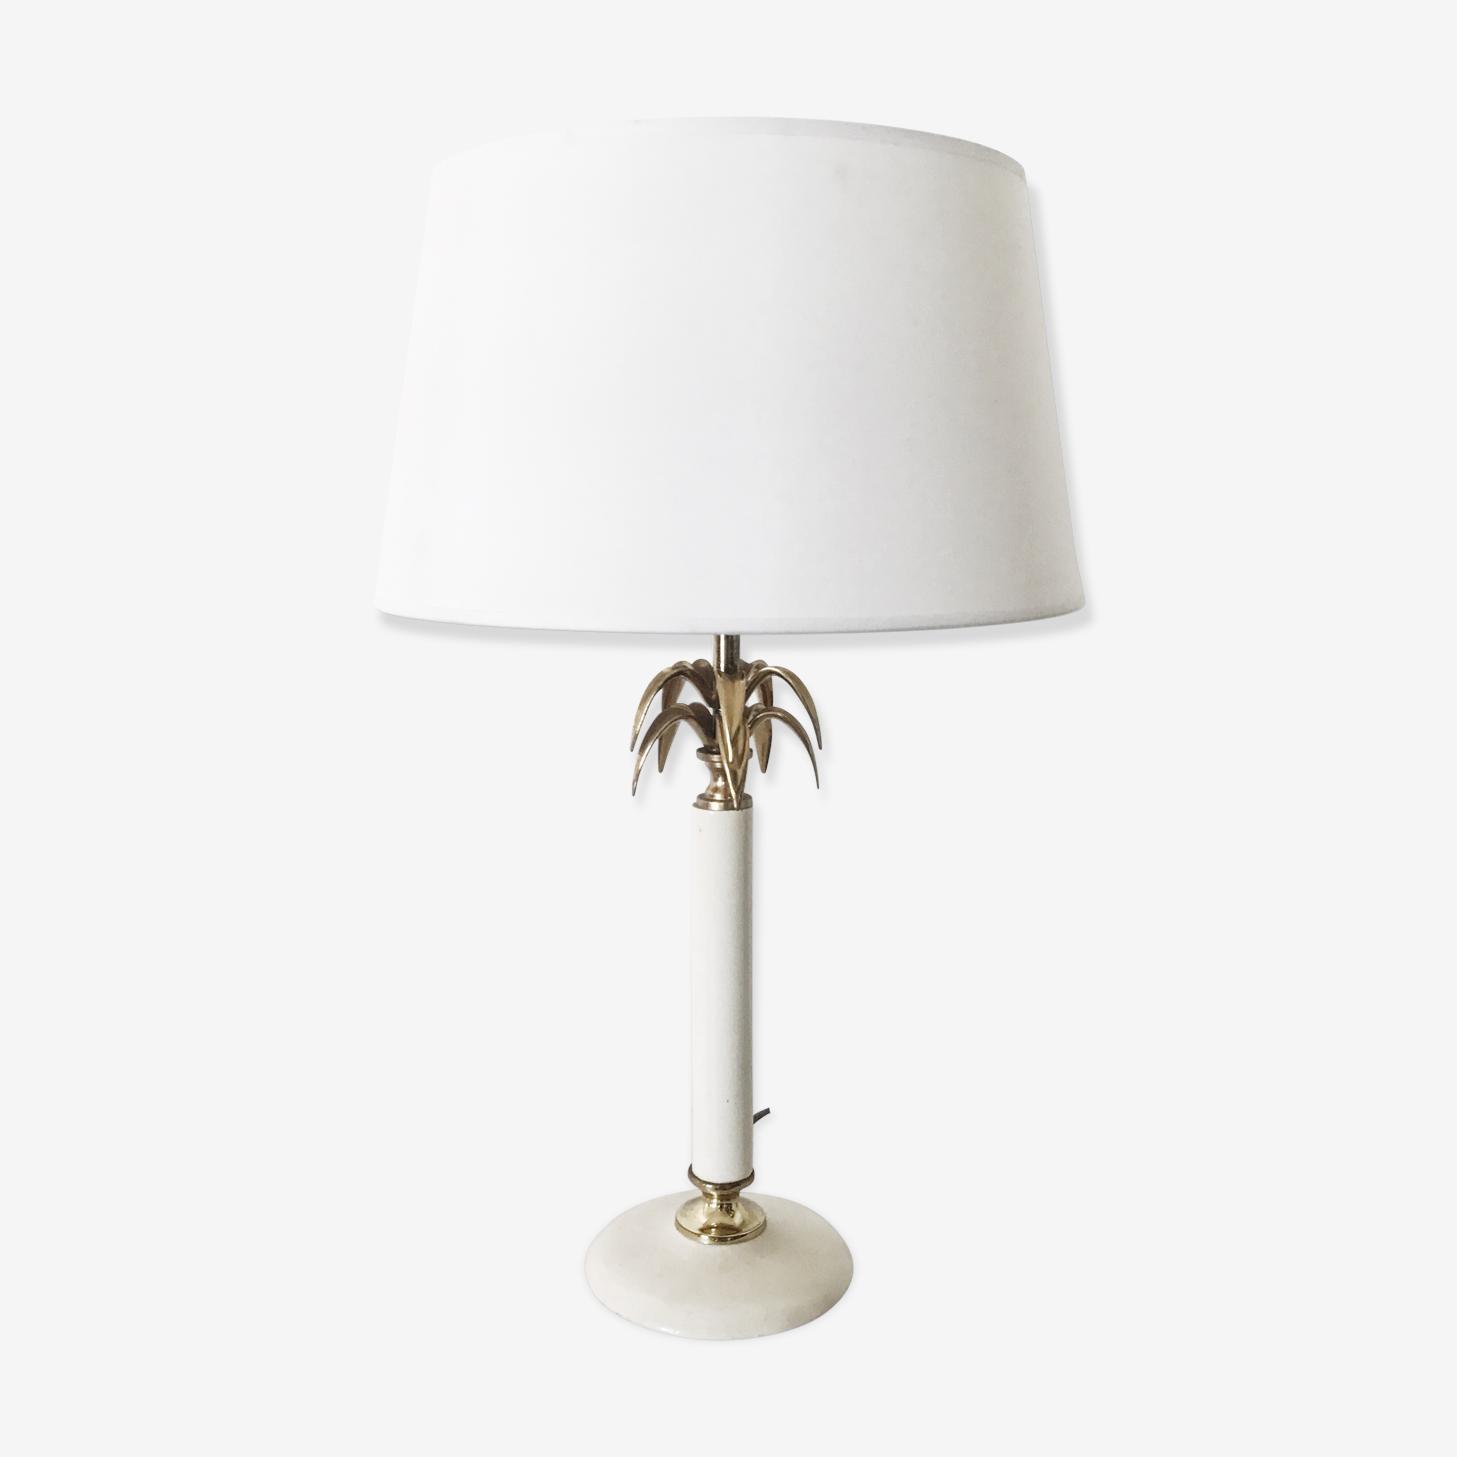 Shabby chic lamp 1970 s